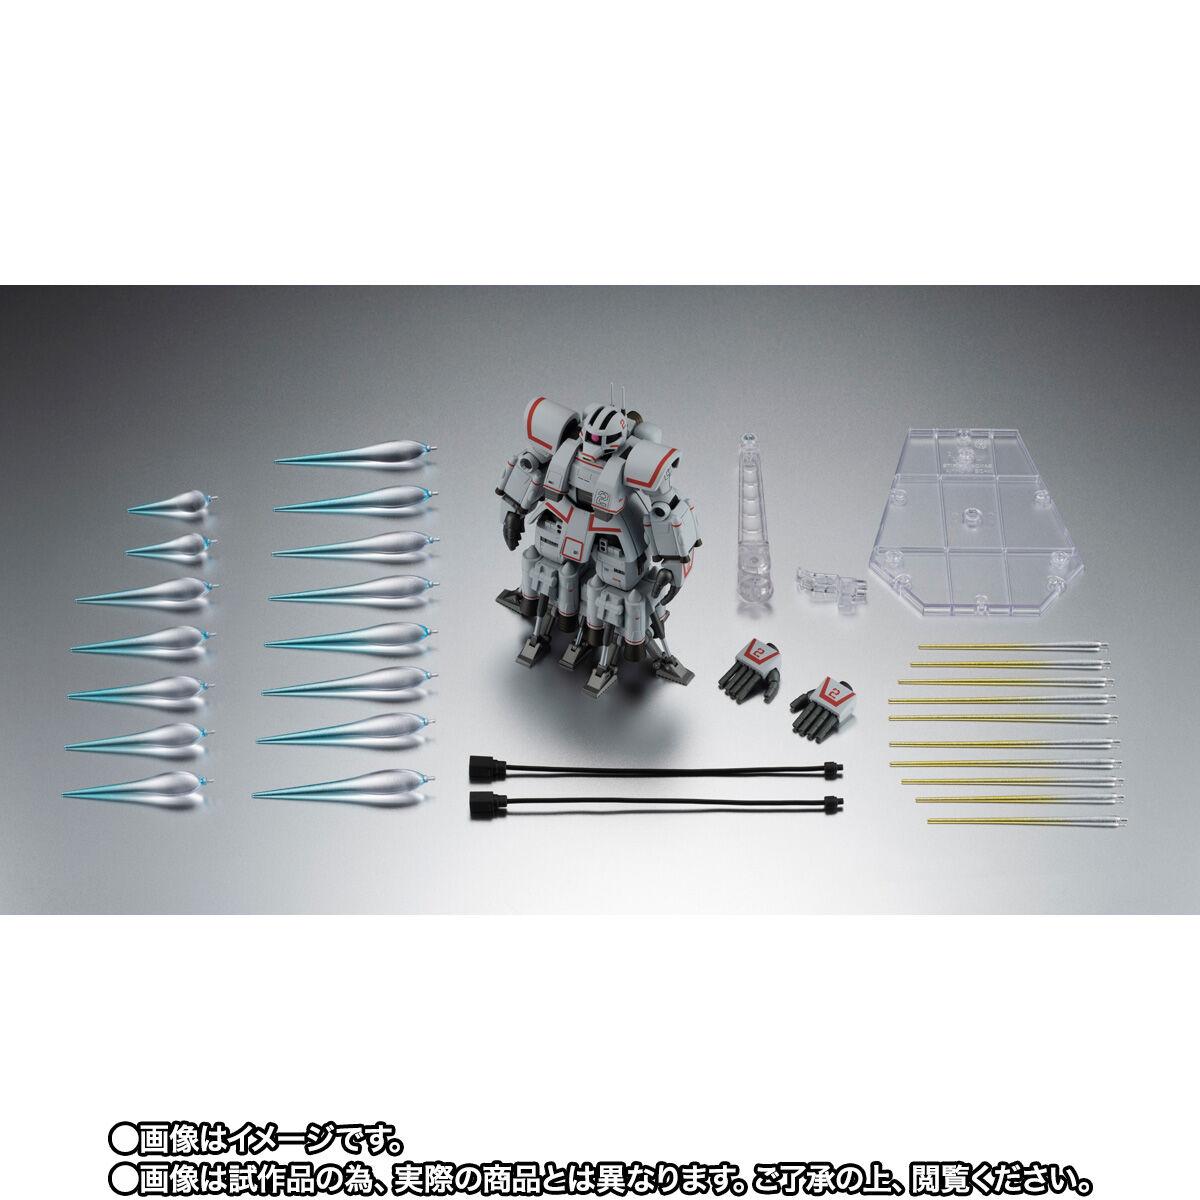 【限定販売】ROBOT魂〈SIDE MS〉『MSN-01 高速機動型ザク ver. A.N.I.M.E.』ガンダムMSV 可動フィギュア-010